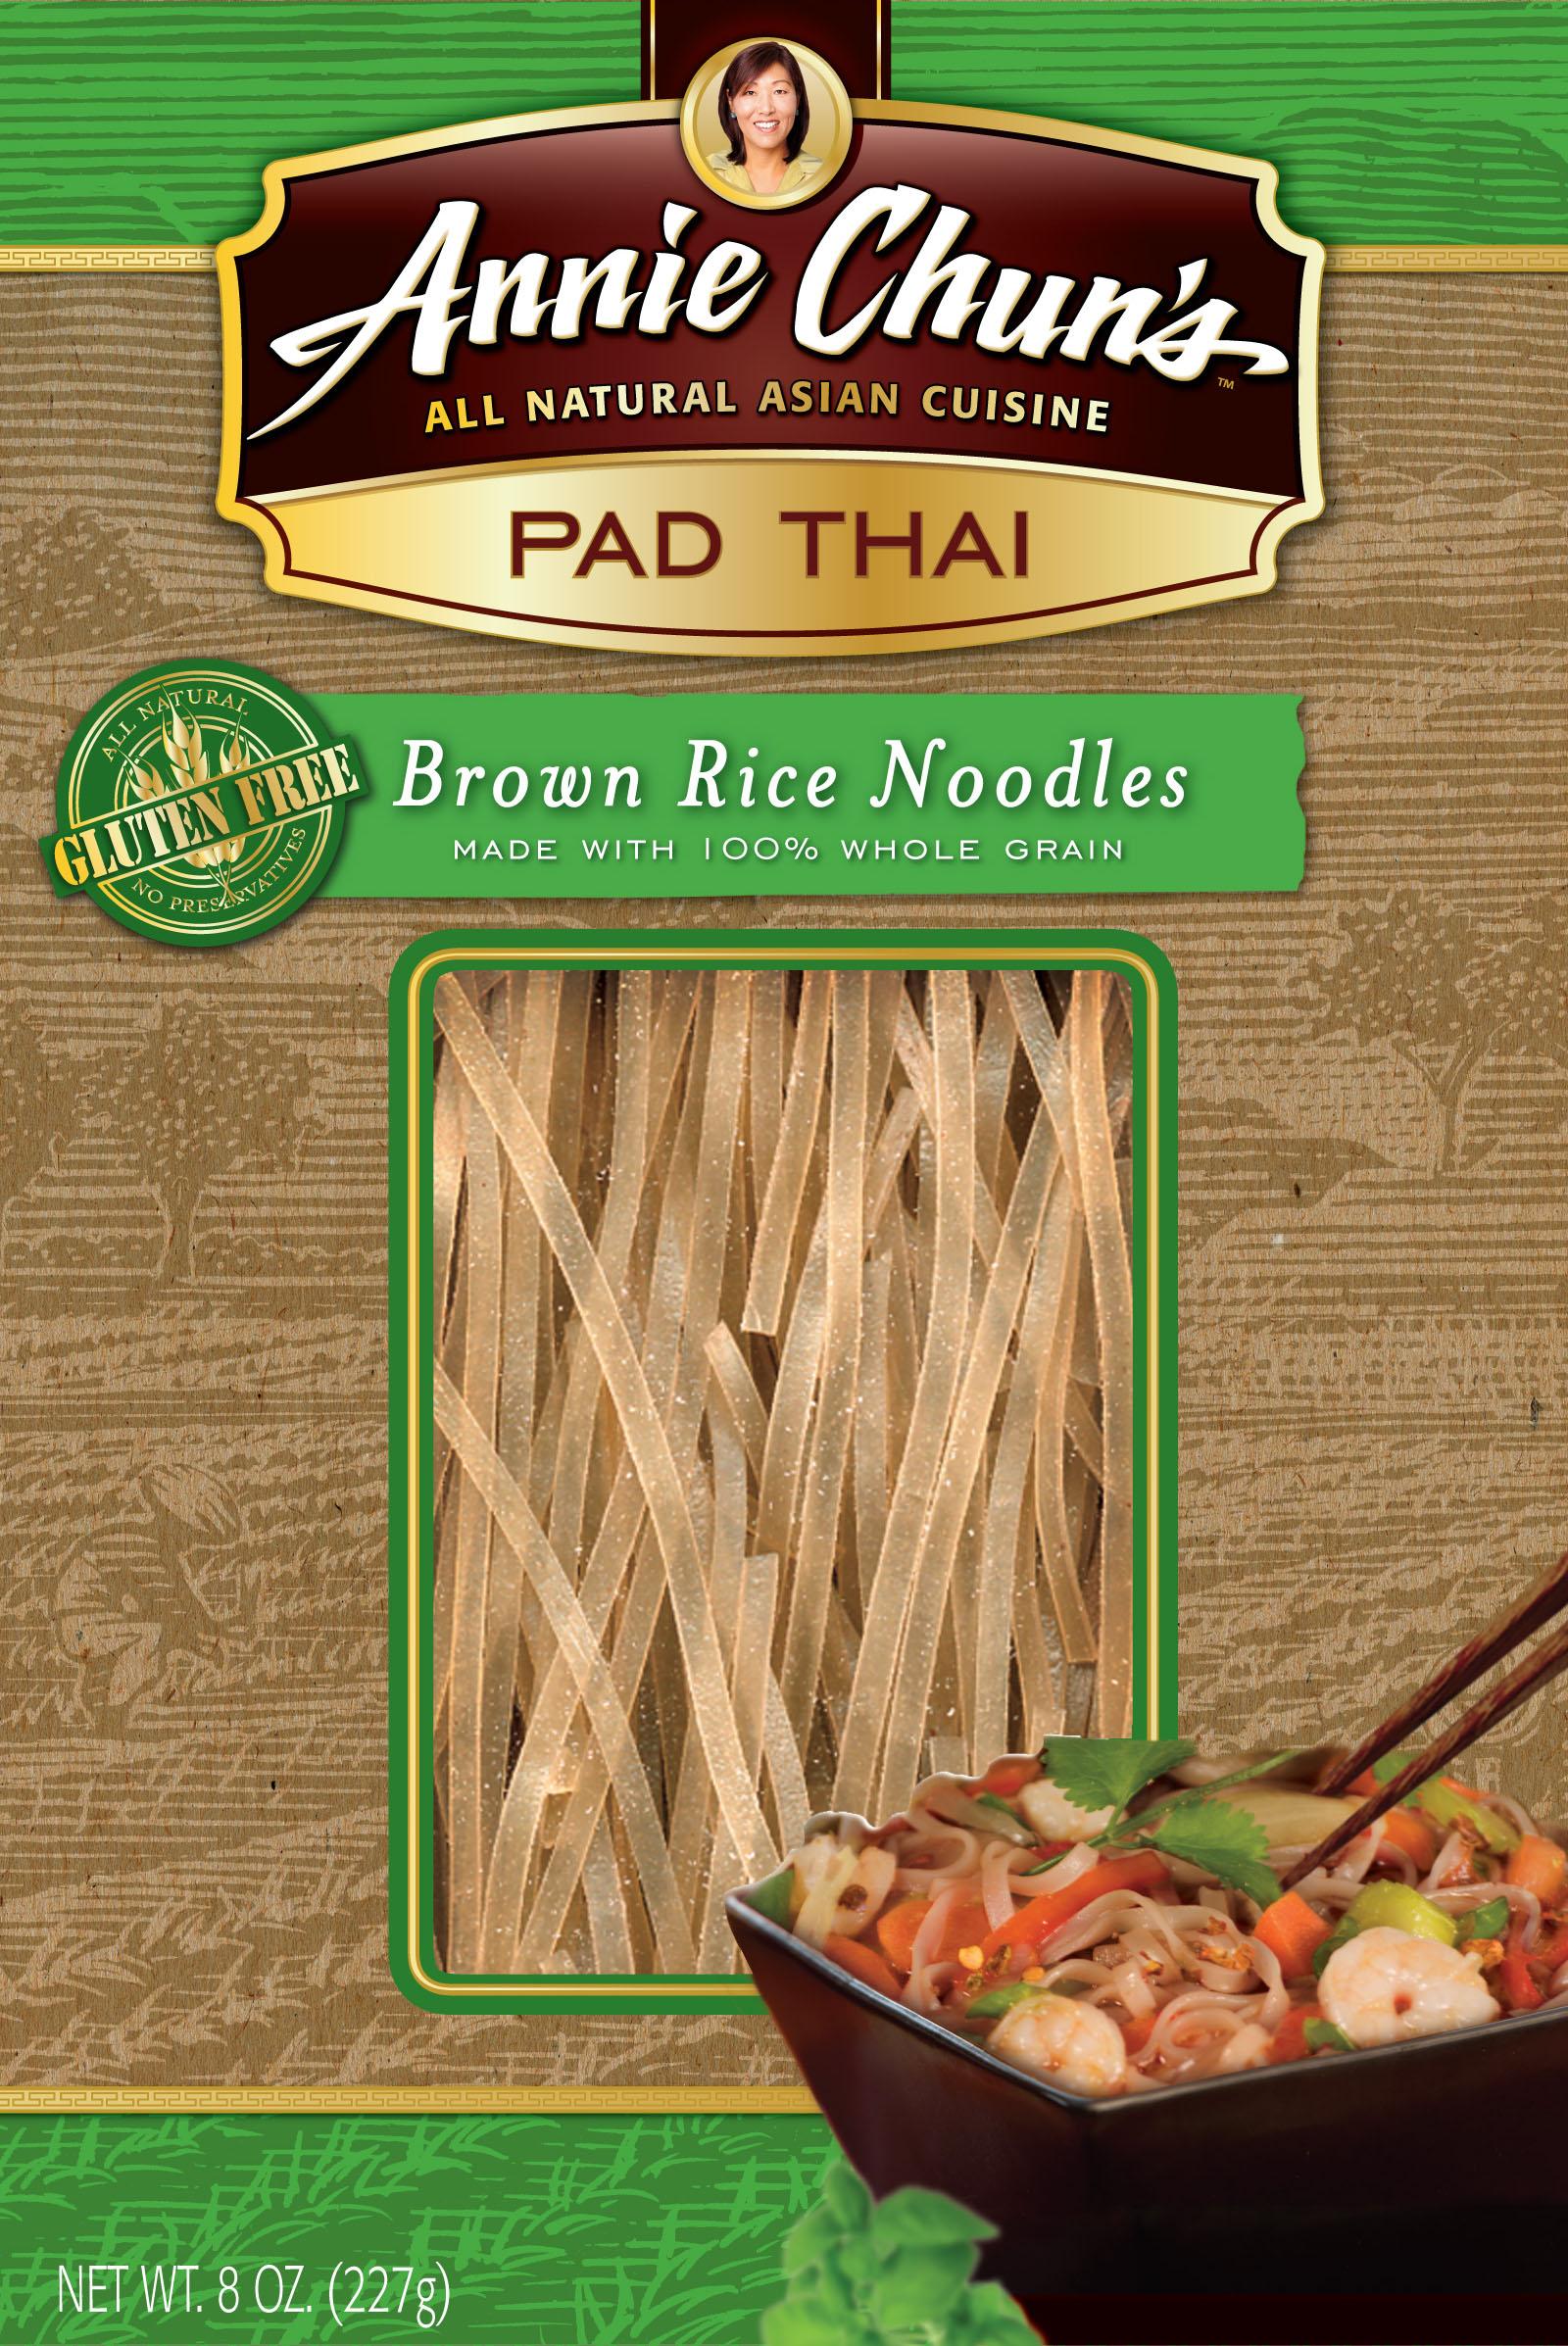 Pad Thai_brown_noodle_022410 Dsc07500 Dsc07504